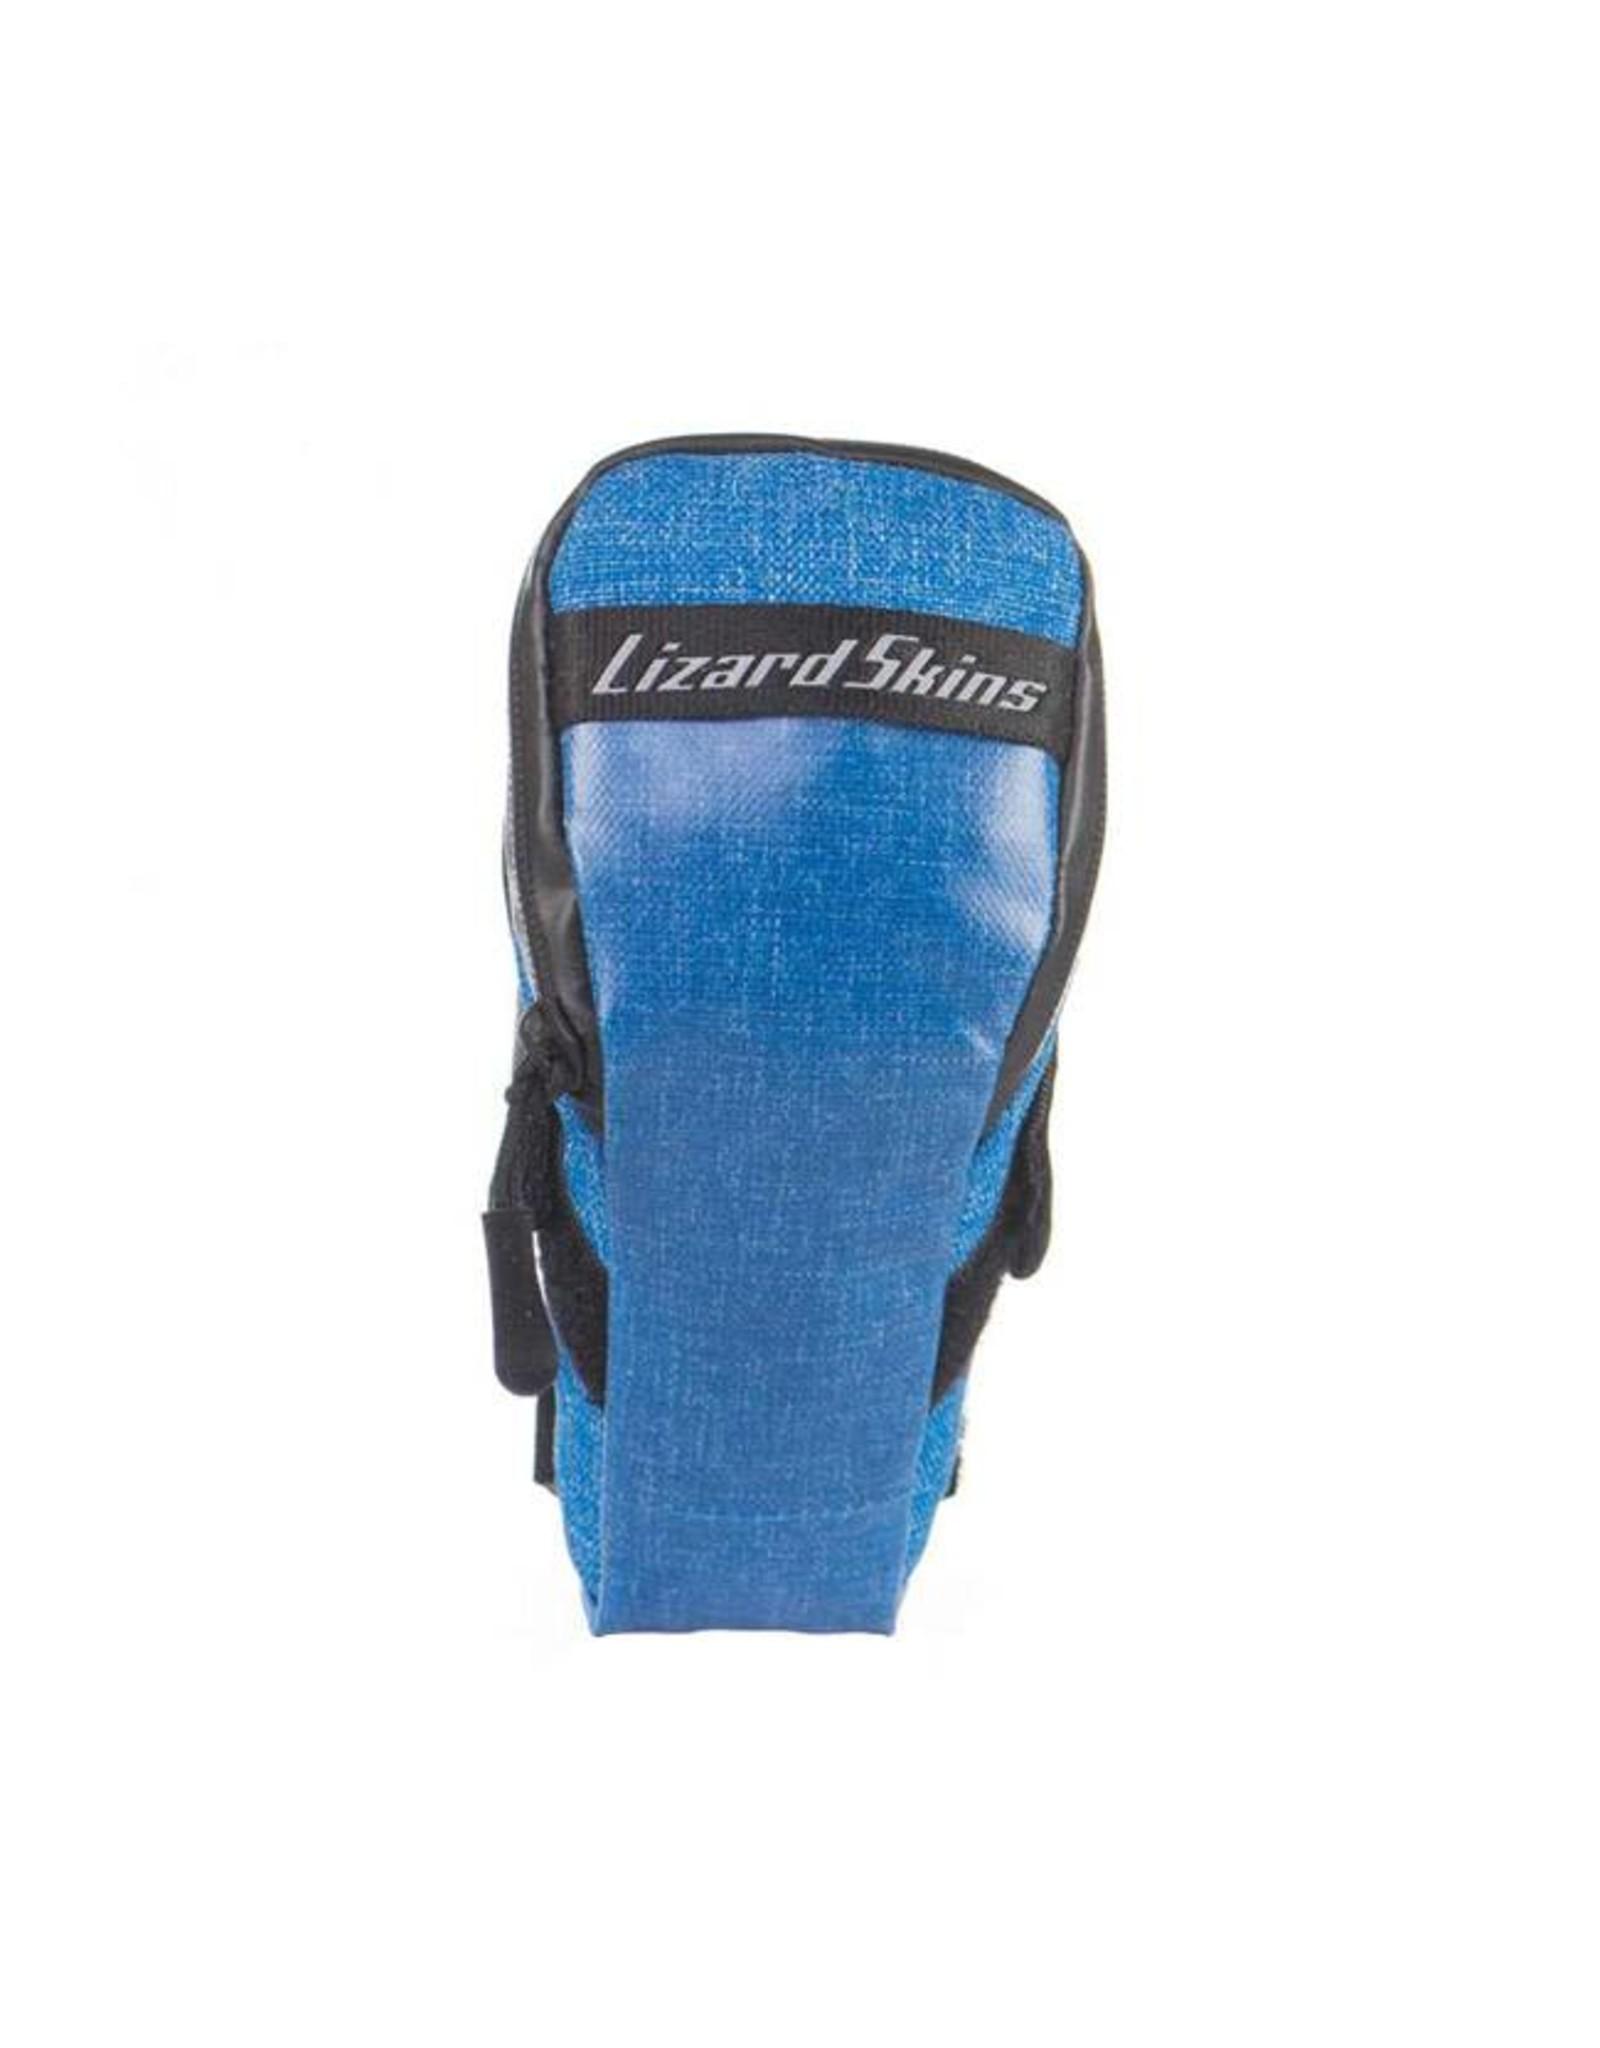 Lizard Skins Lizard Skins Super Cache Seat Bag: Electric Blue